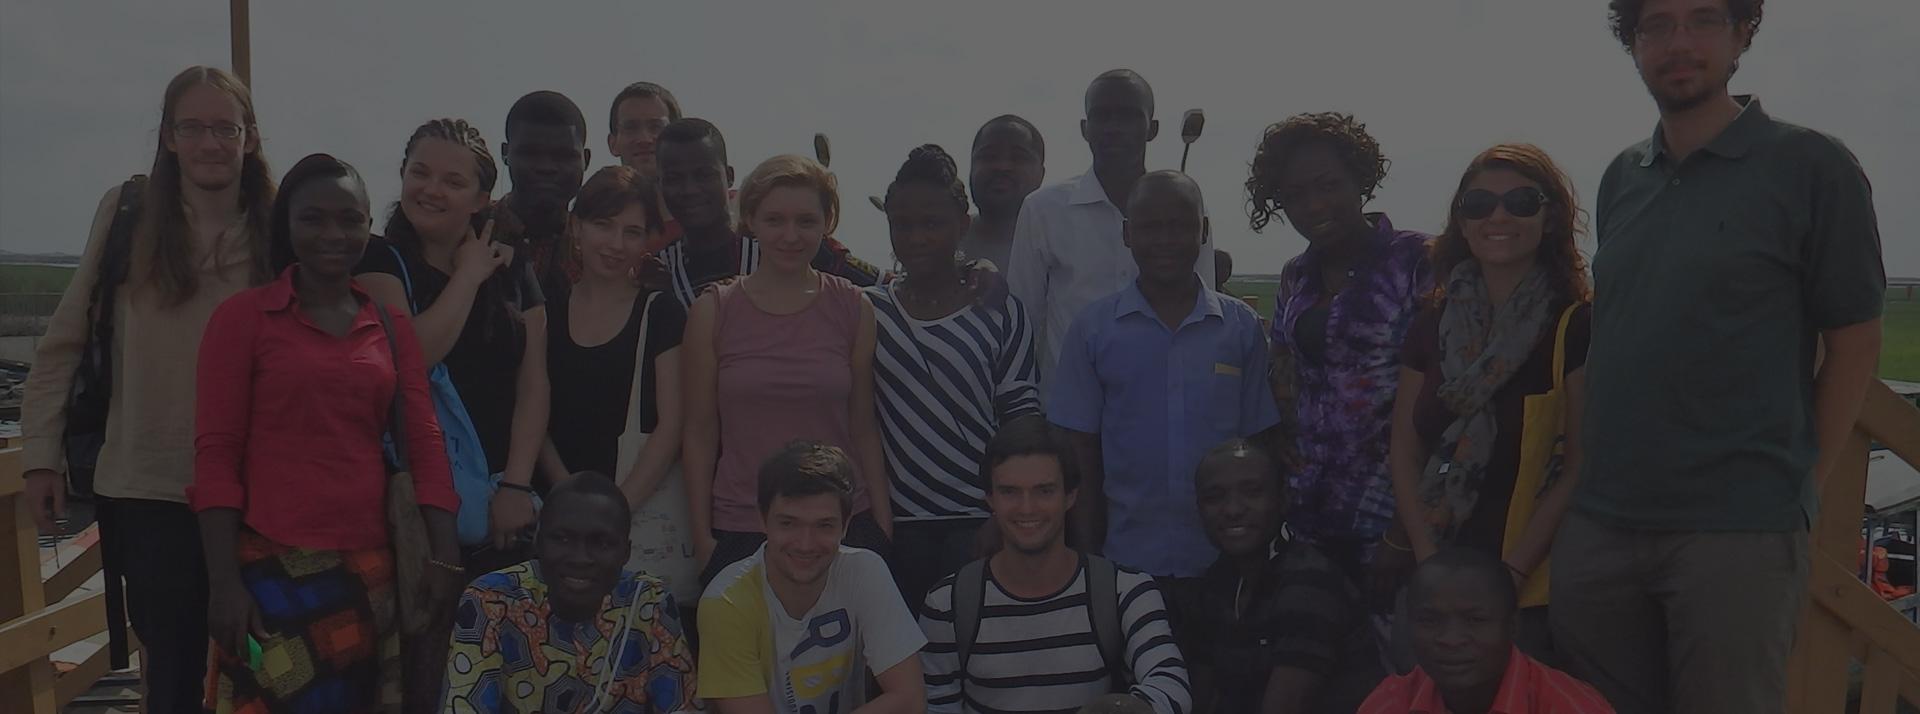 AEJK Projekto – Afrika-Eŭropa Junulara Kapabligo (VIDEO)